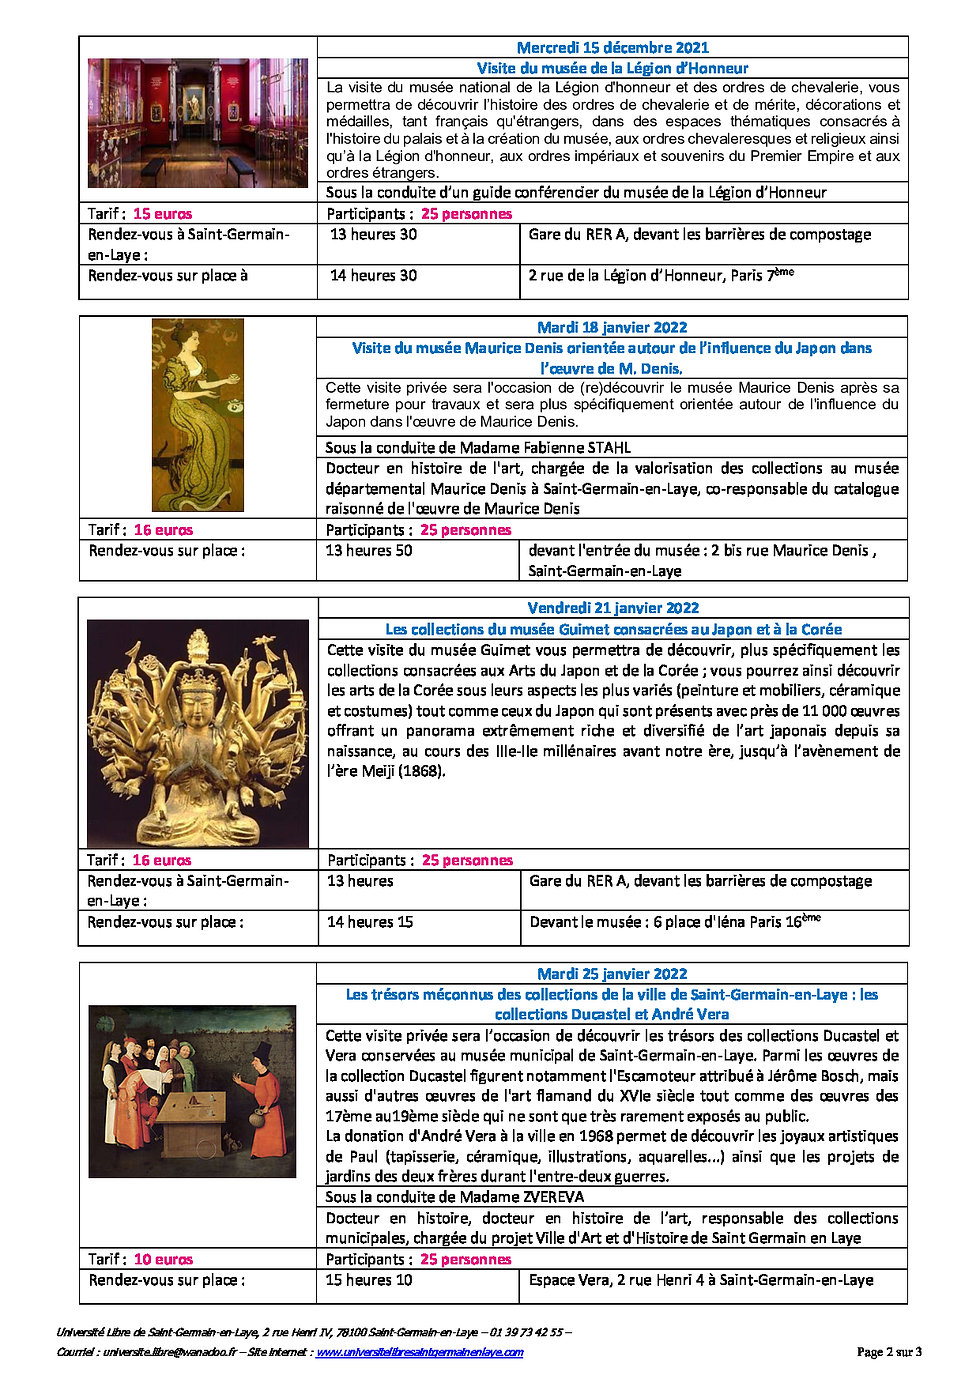 01 fiche présentation visites culturelles nov 21 à janv 22 (1)_02.jpg